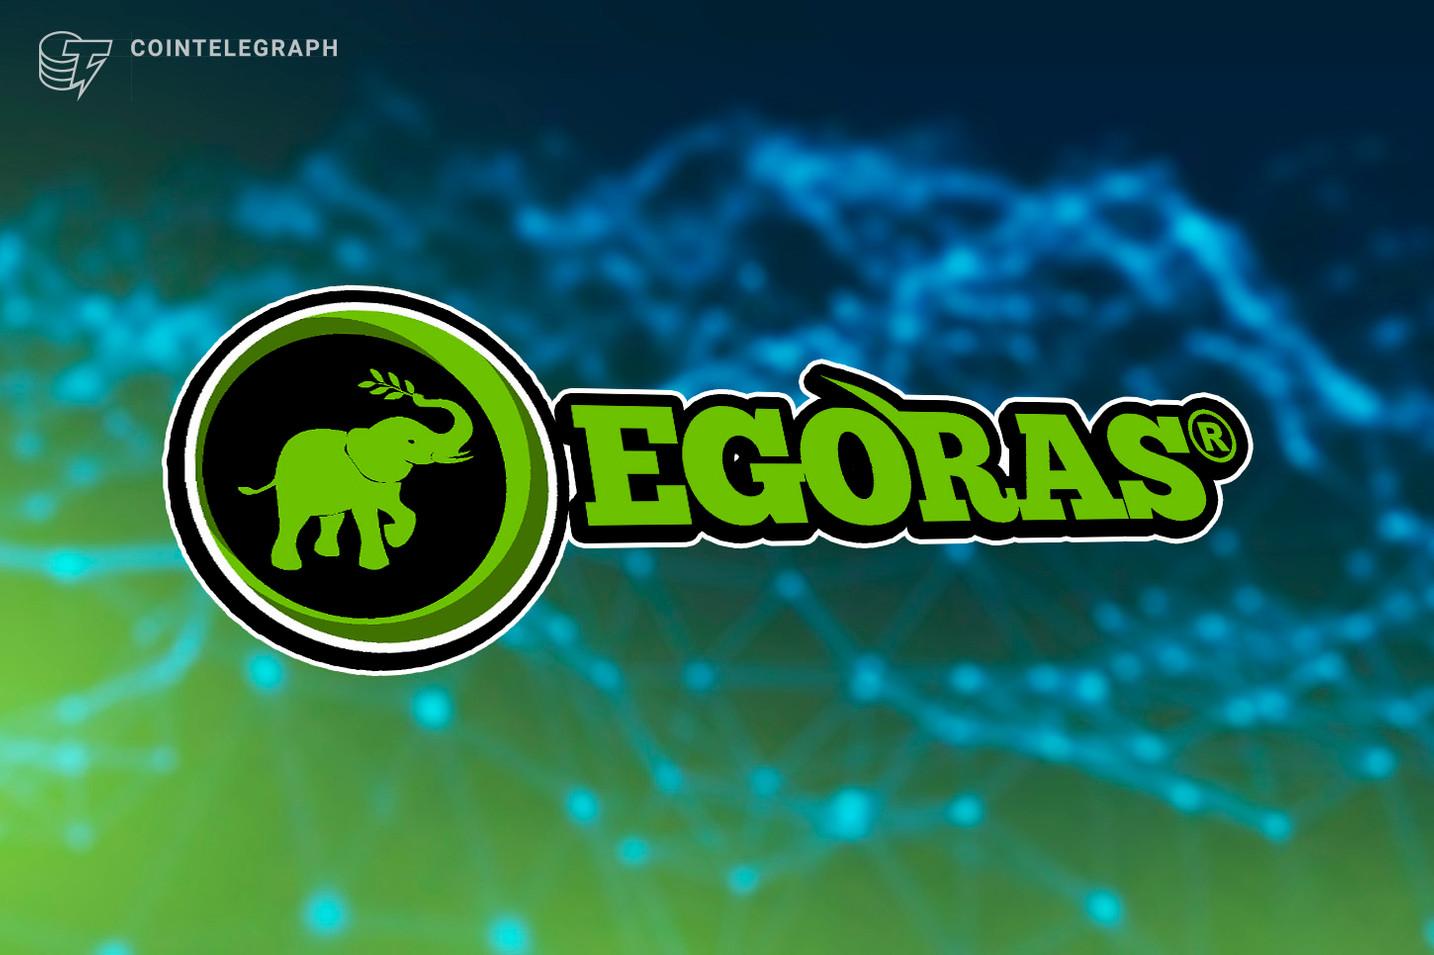 Egoras raises $1.3M in private round